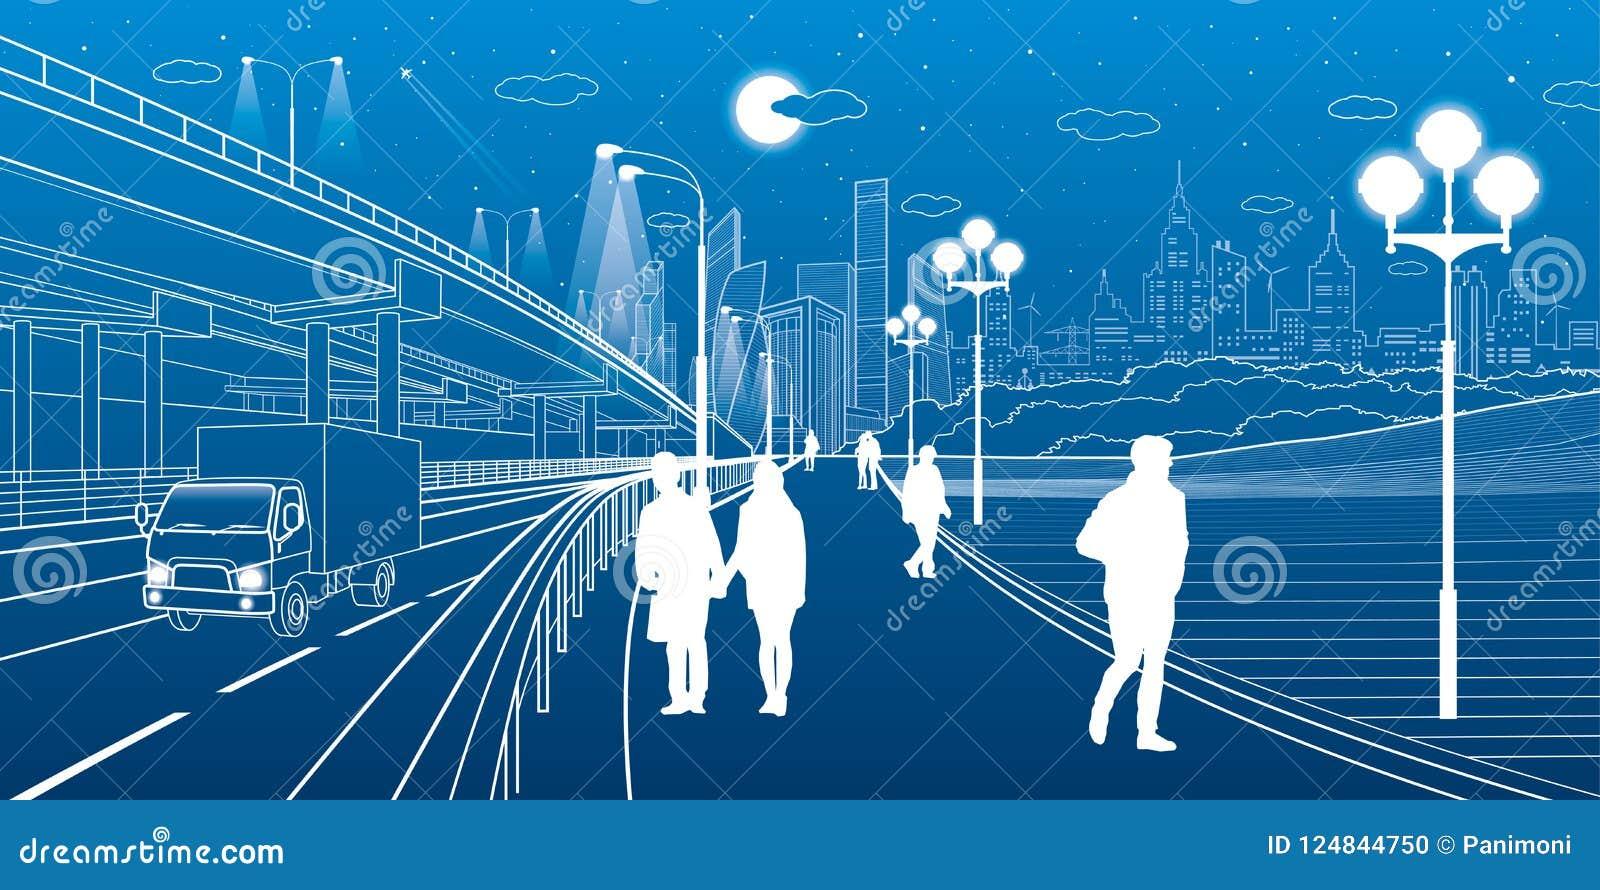 σκηνή αστική Ανταλλαγή αυτοκινήτων Οι άνθρωποι περπατούν κατά μήκος του πεζοδρομίου Σύγχρονη πόλη νύχτας στο υπόβαθρο Διανυσματικ